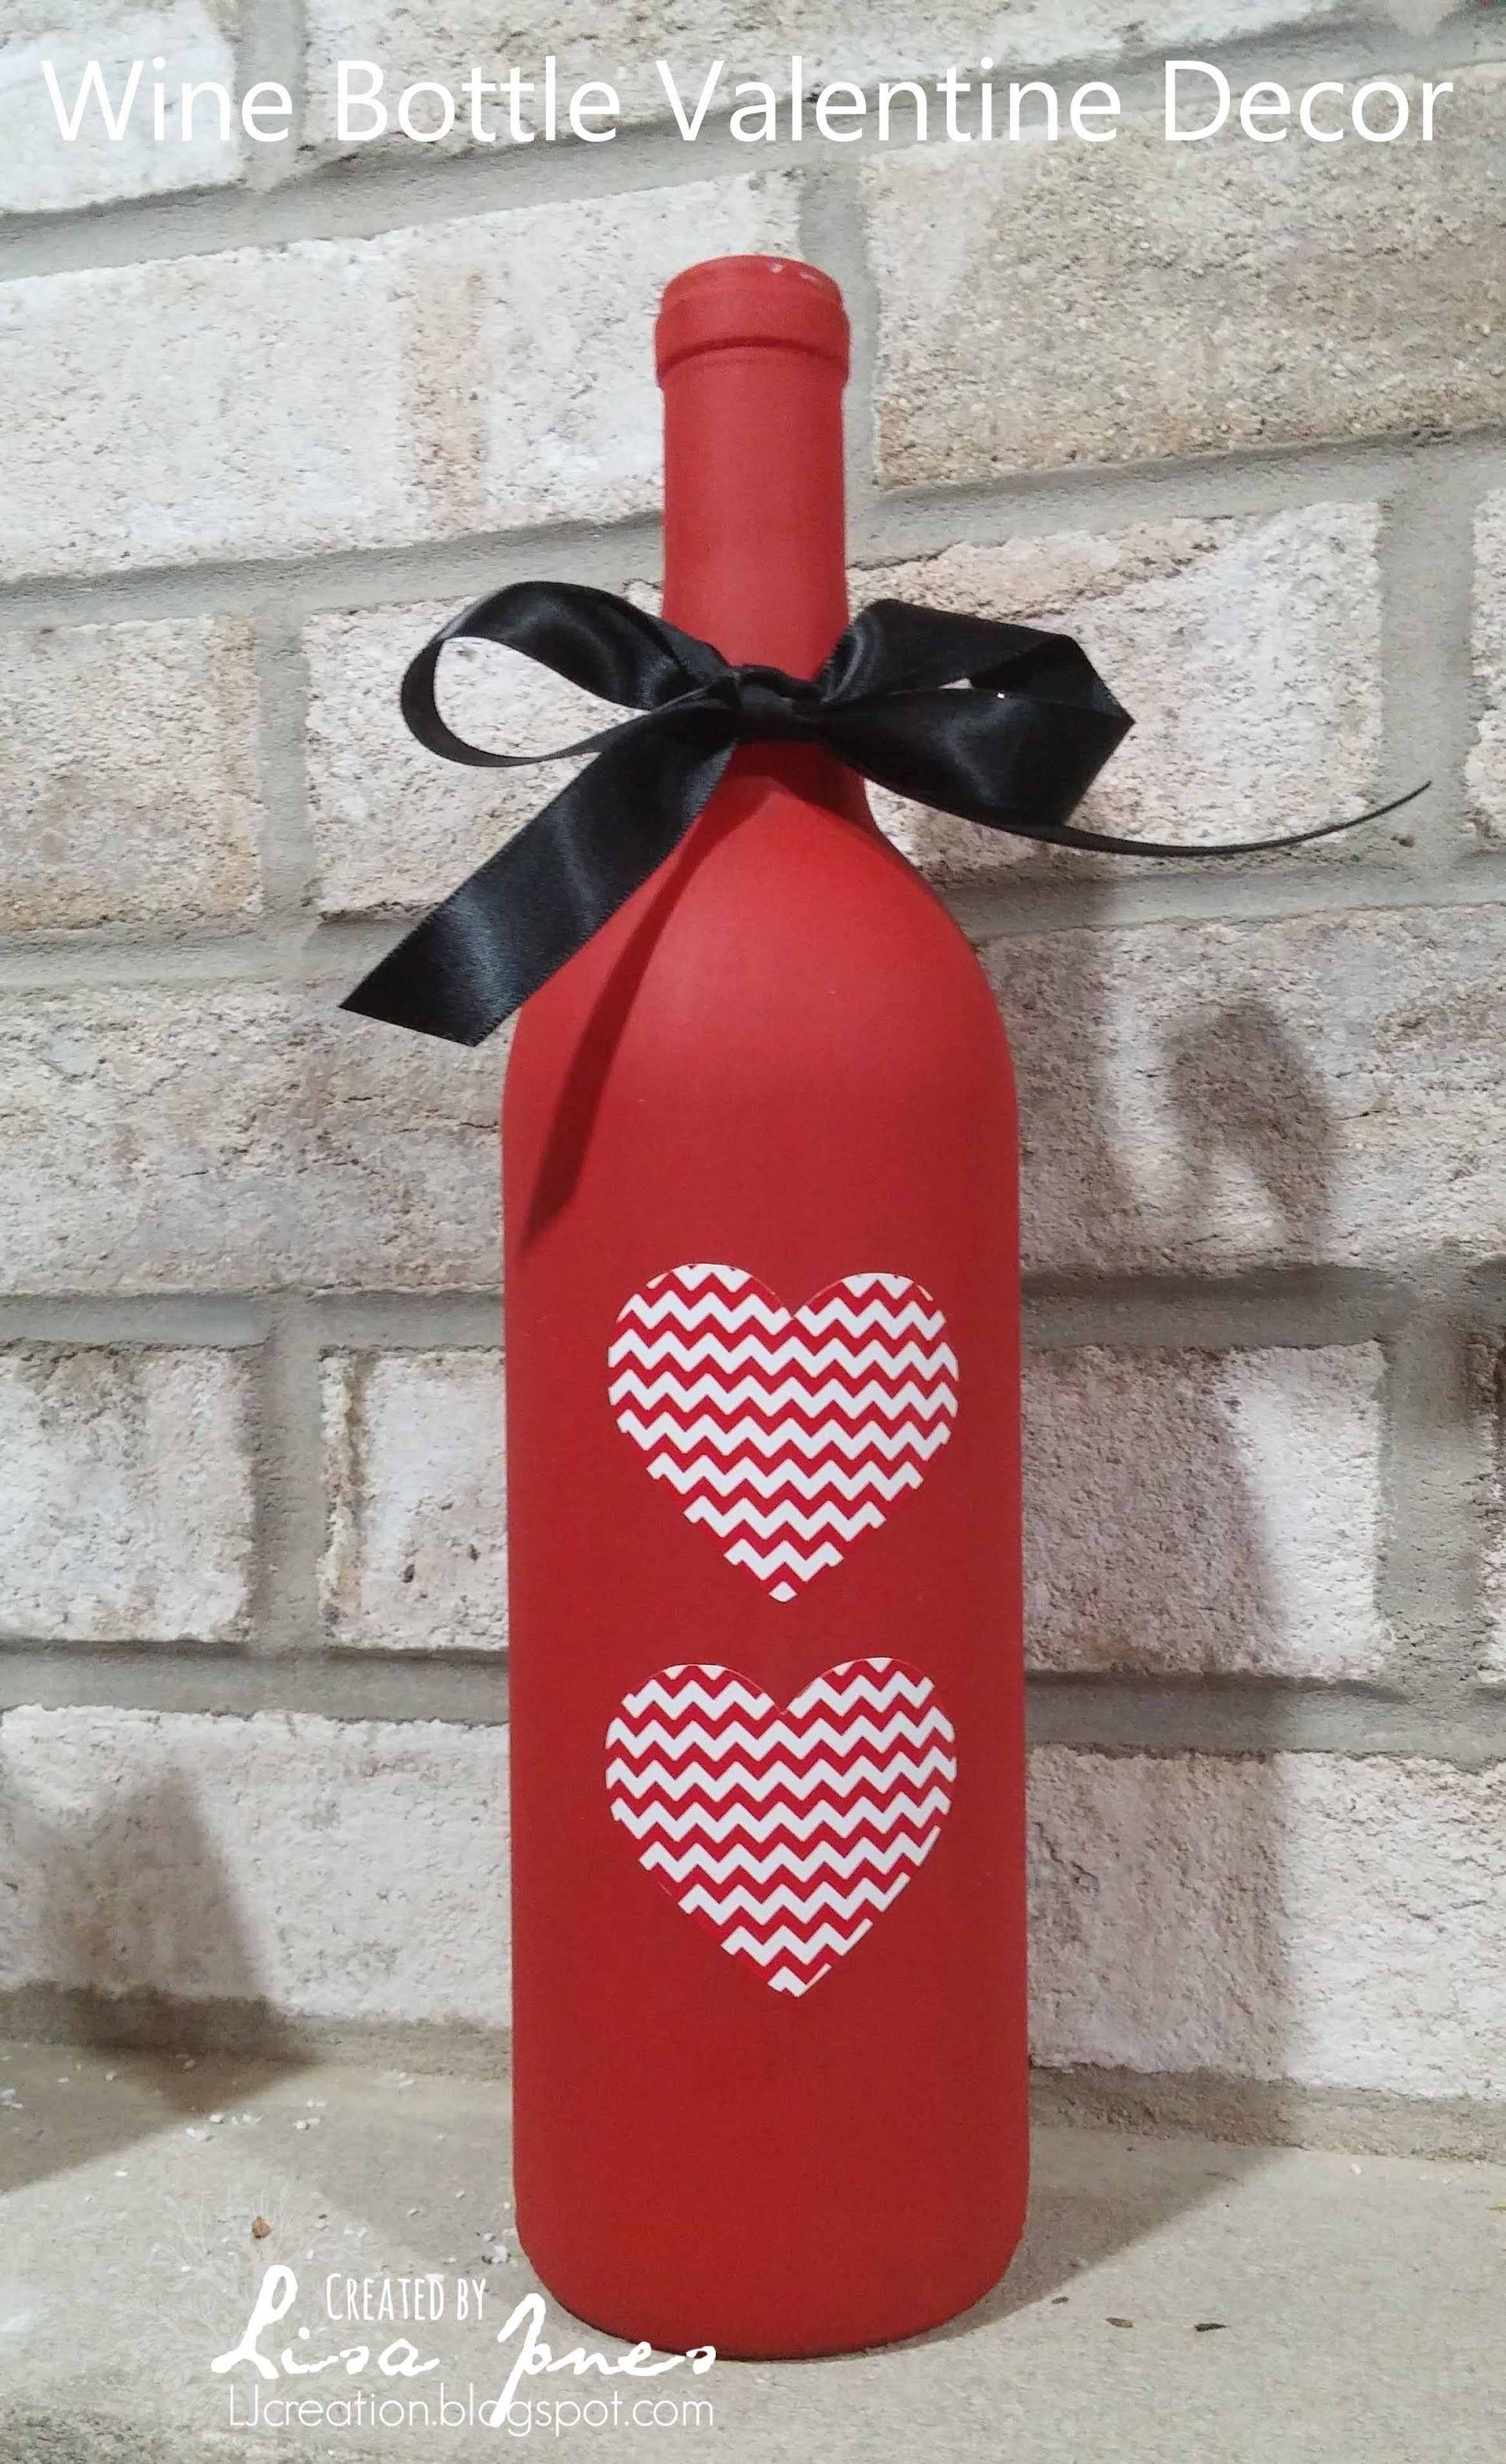 Wine Bottle Valentine Decor Valentines Wine Bottle Crafts Valentines Wine Wine Bottle Crafts